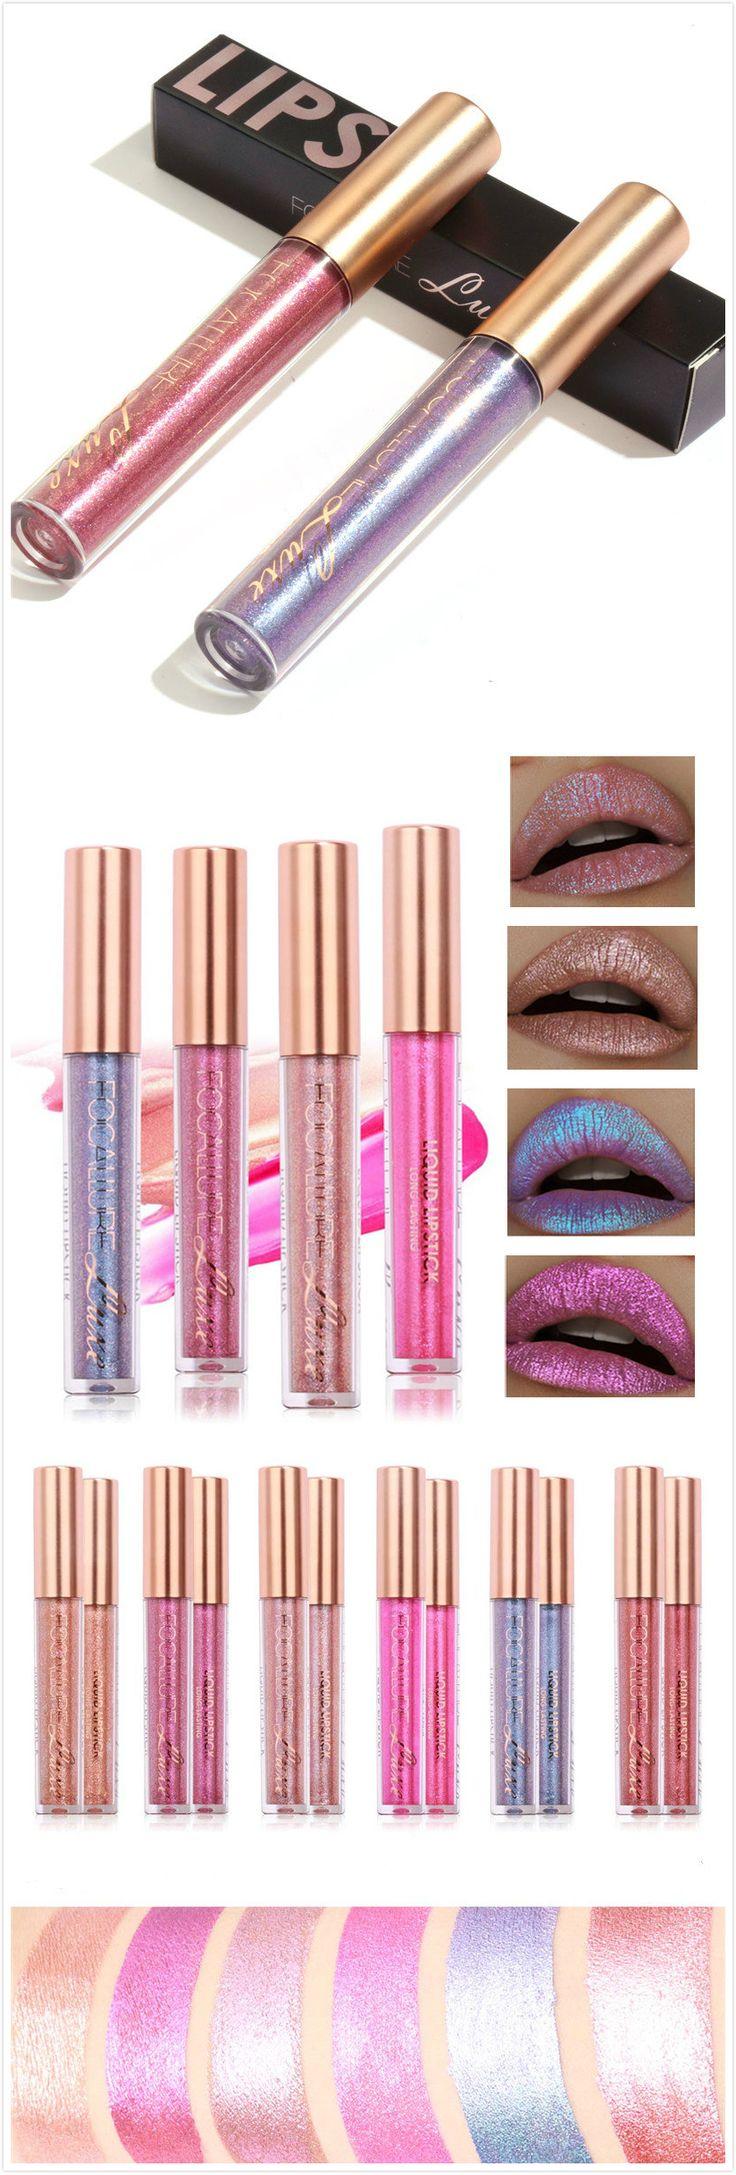 【$ 6.39】Party essential~FOCALLURE Glitter Color Temperature Change Lip Gloss Matte Diamond Sand Sexy Liquid Lipstick 6 Color